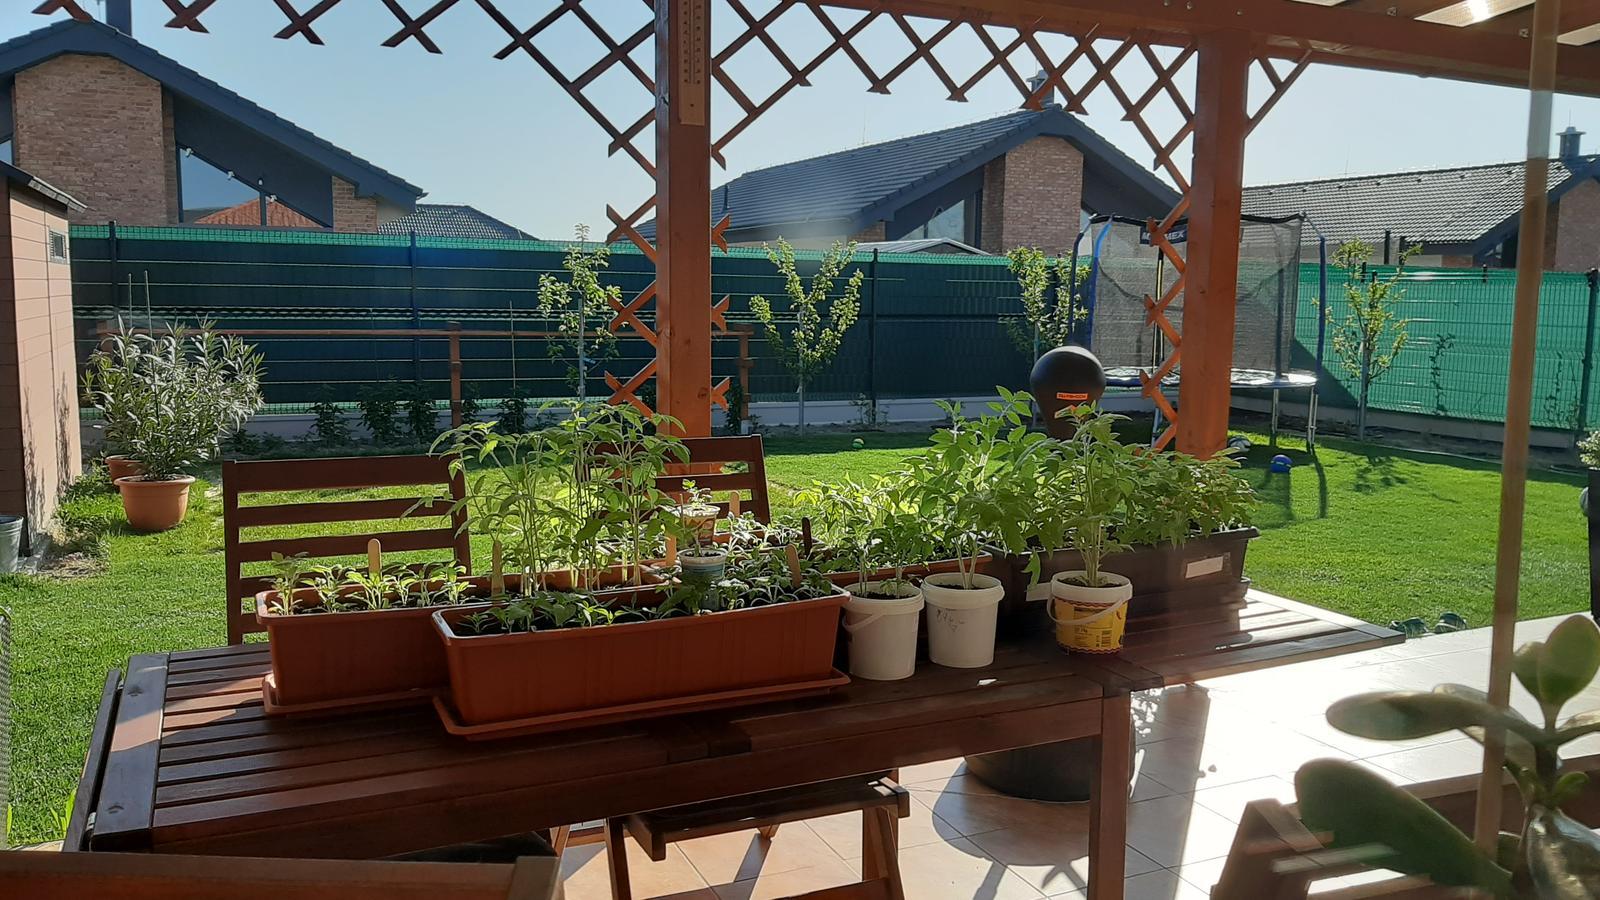 🏠🌞🌺❤🌷 Zahrada a jej dalsi rok...2020 🌱🐞🐛🦋🍓🥕🍅🌺❤ - 23.4.2020....letnim paradajky.